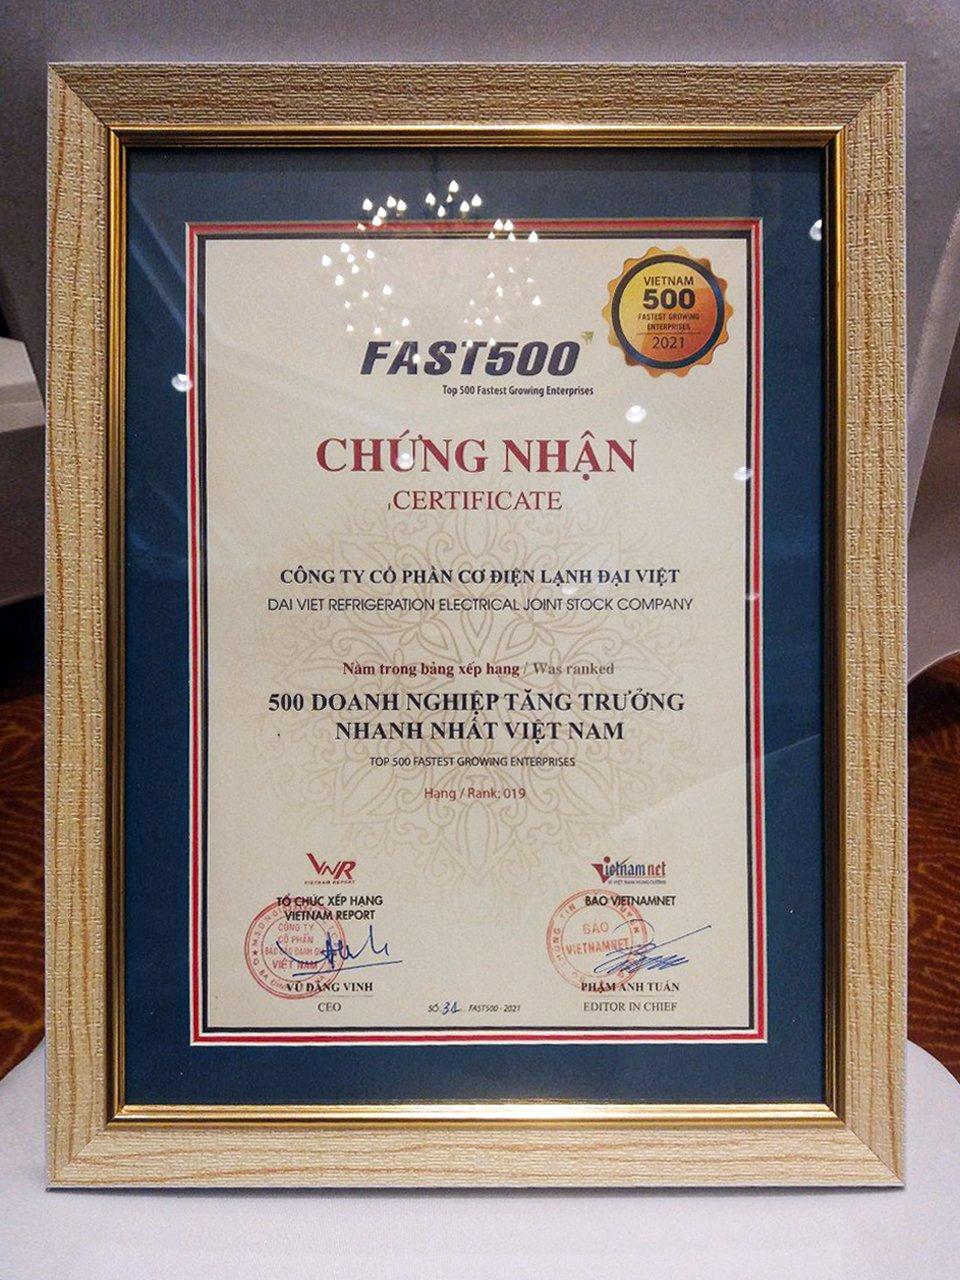 Bằng khen Top 500 doanh nghiệp tăng trưởng năm 2021 của Tập Đoàn Đại Việt